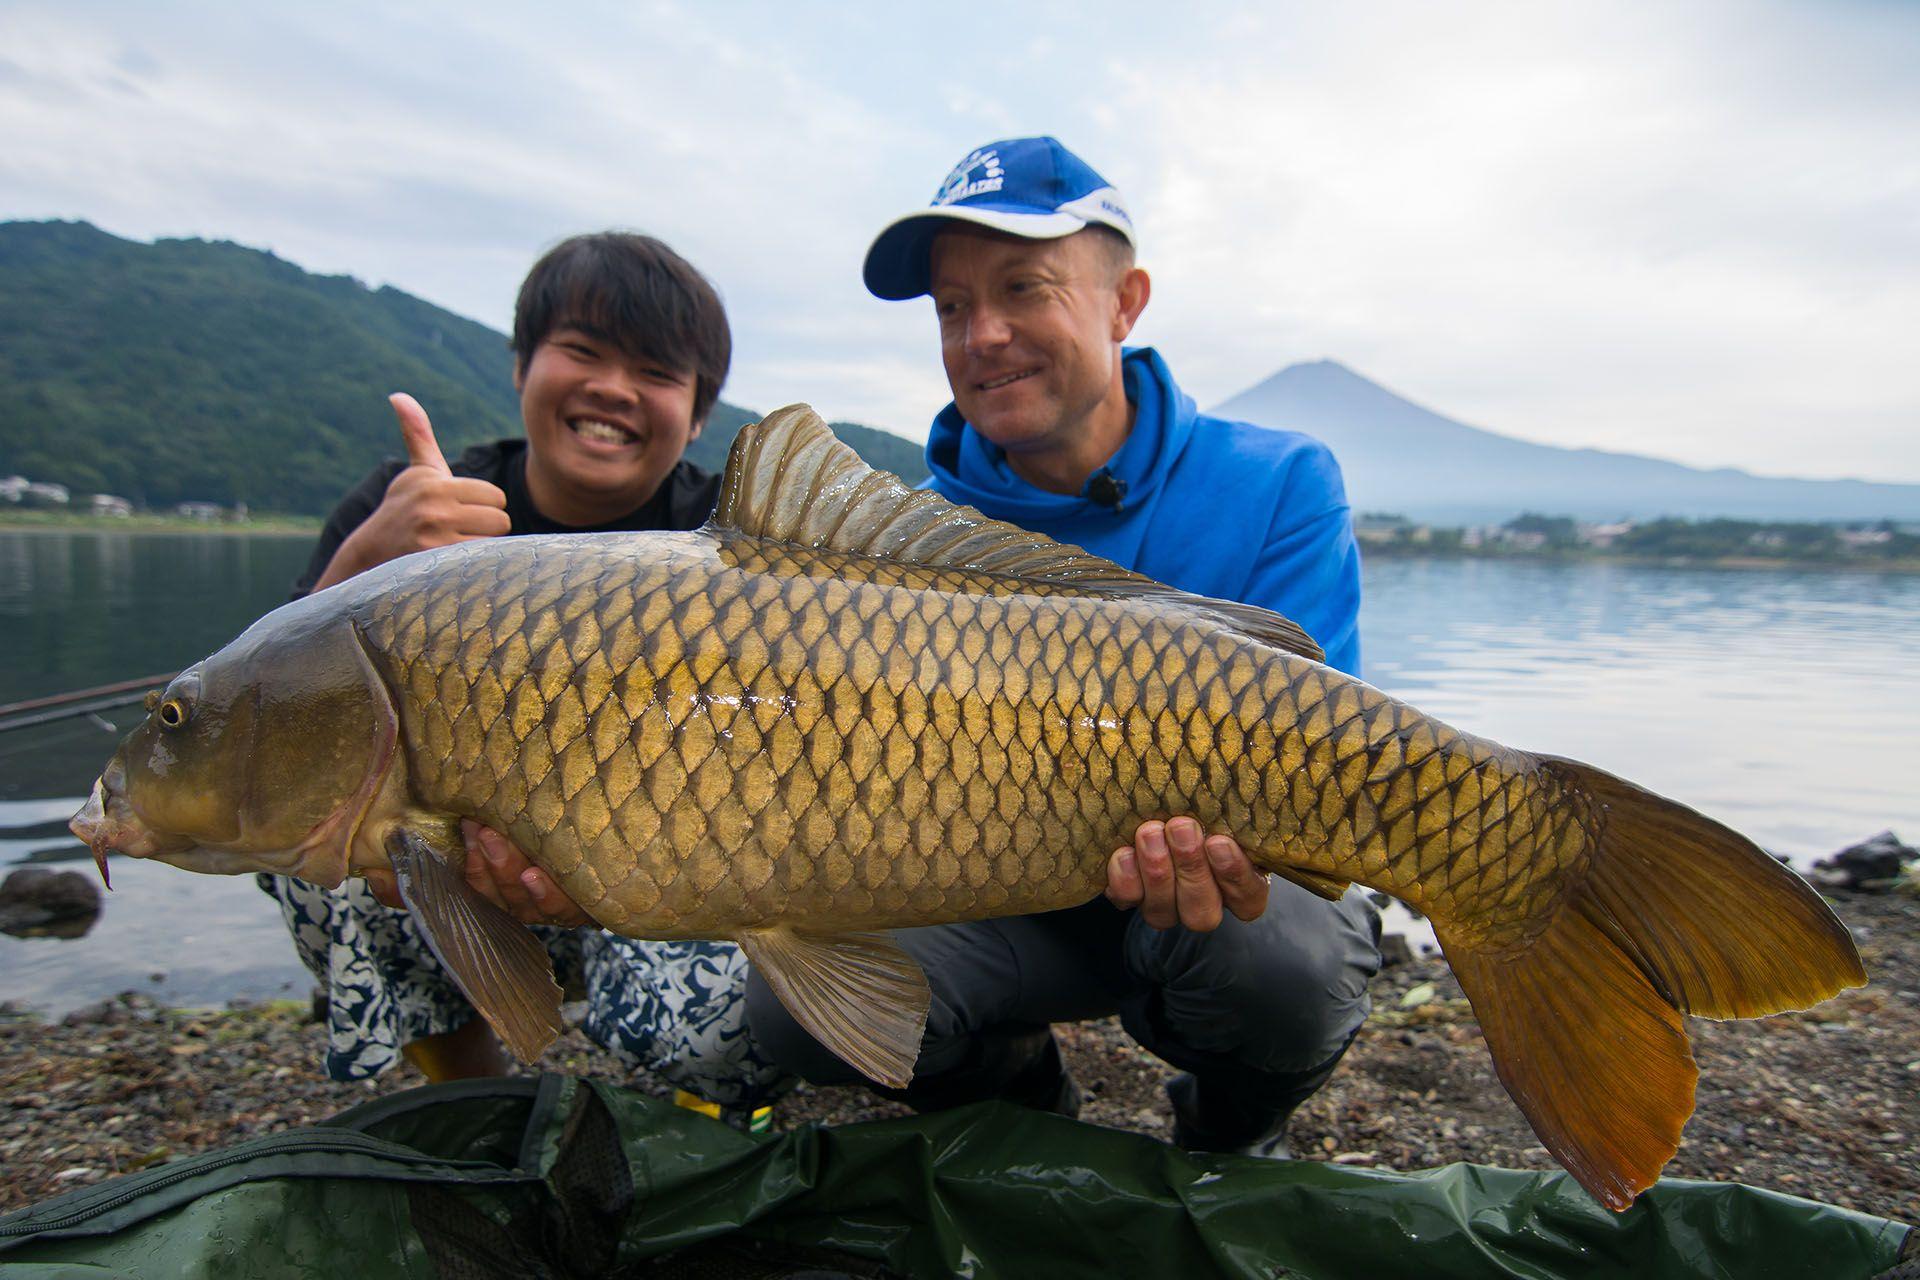 Ezekért a pillanatokért érdemes élni és horgászni!